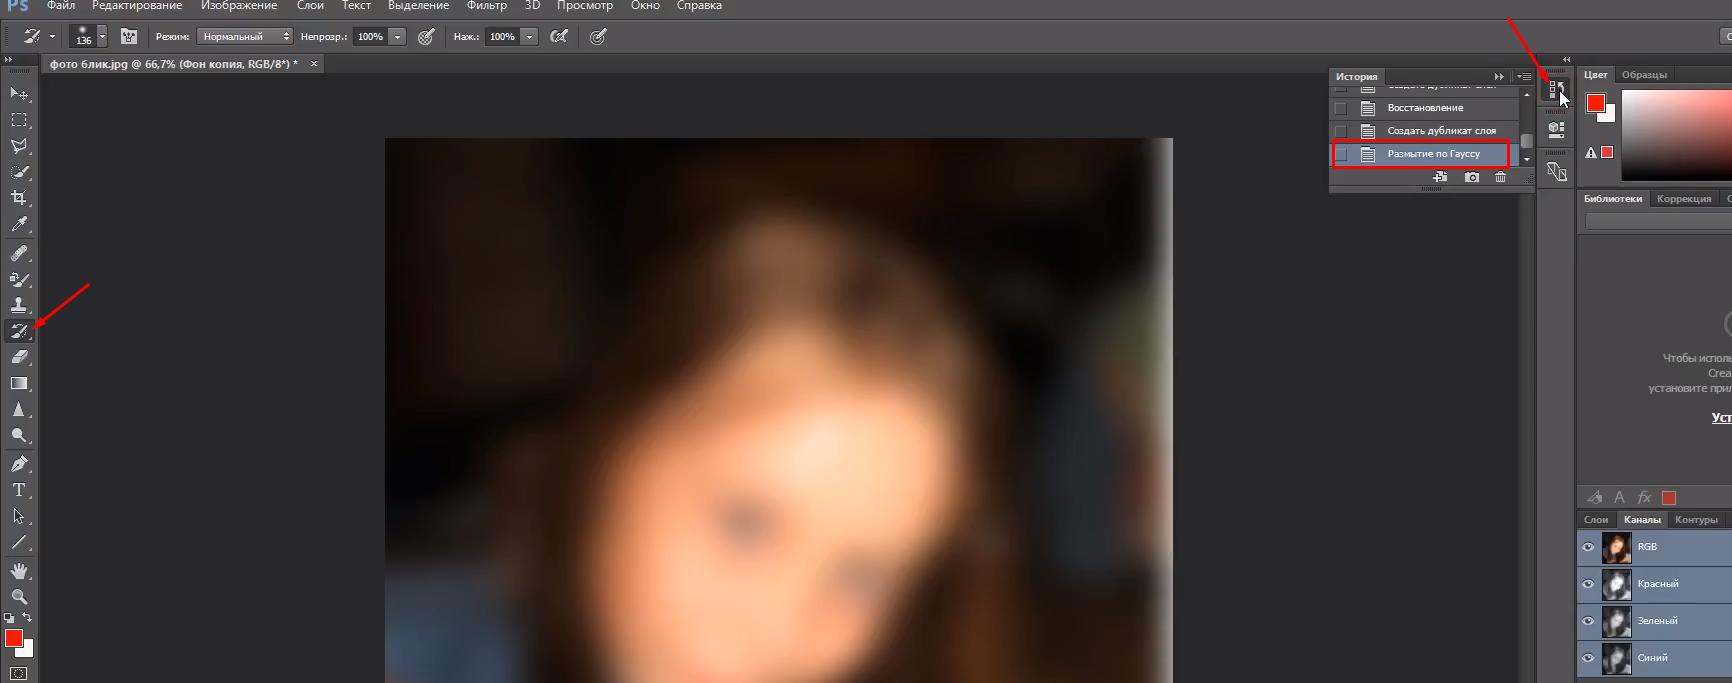 Эффект жирный блеск на кожи фотошоп